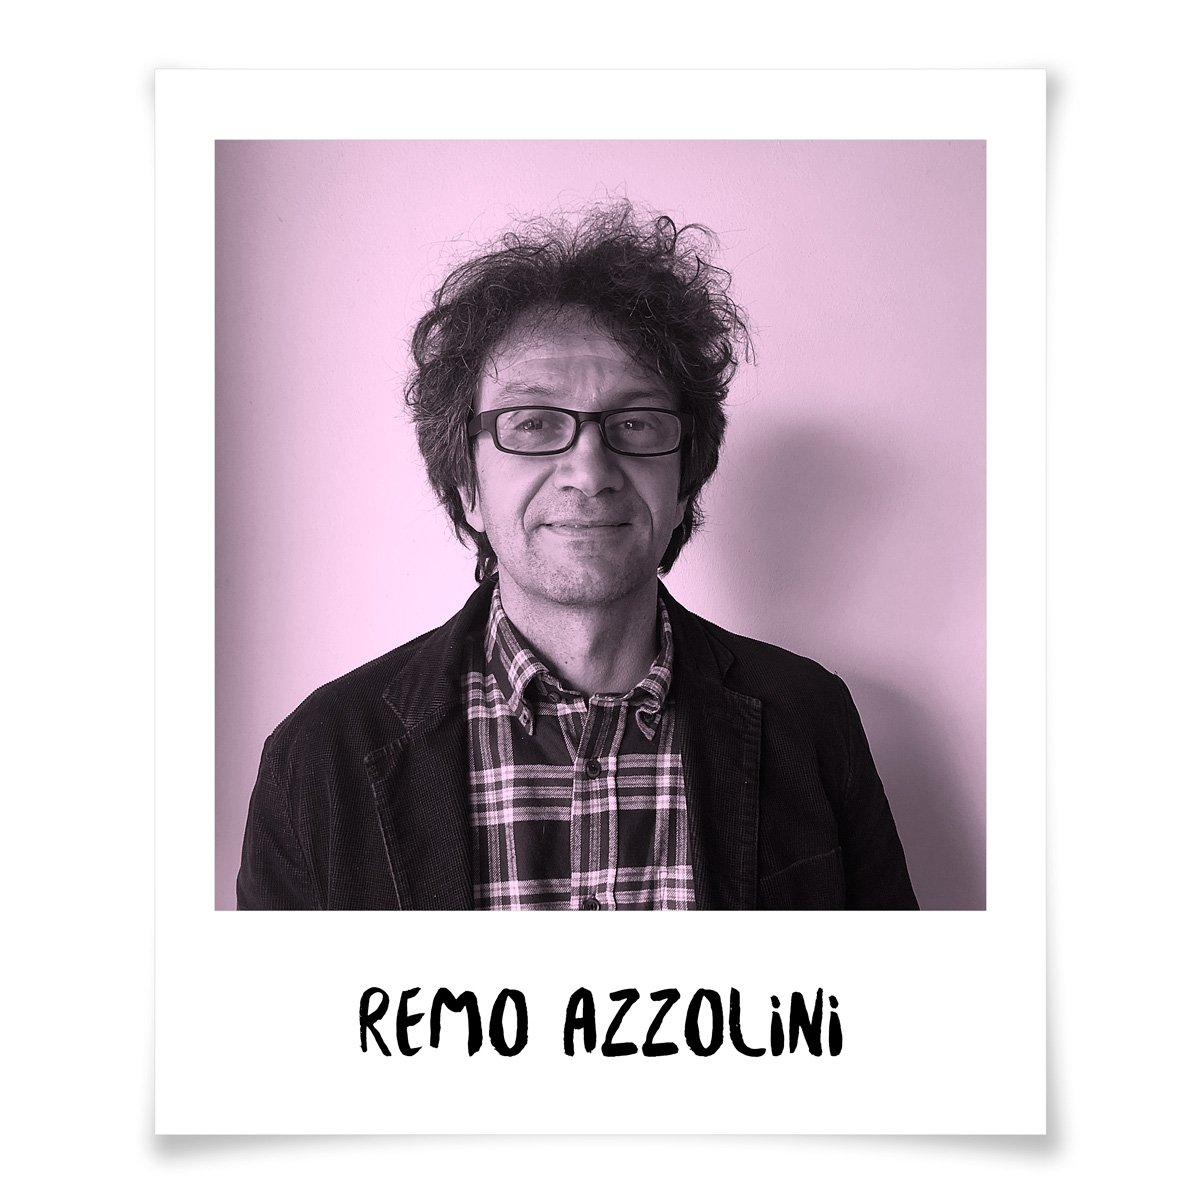 Remo_Azzolini_ok